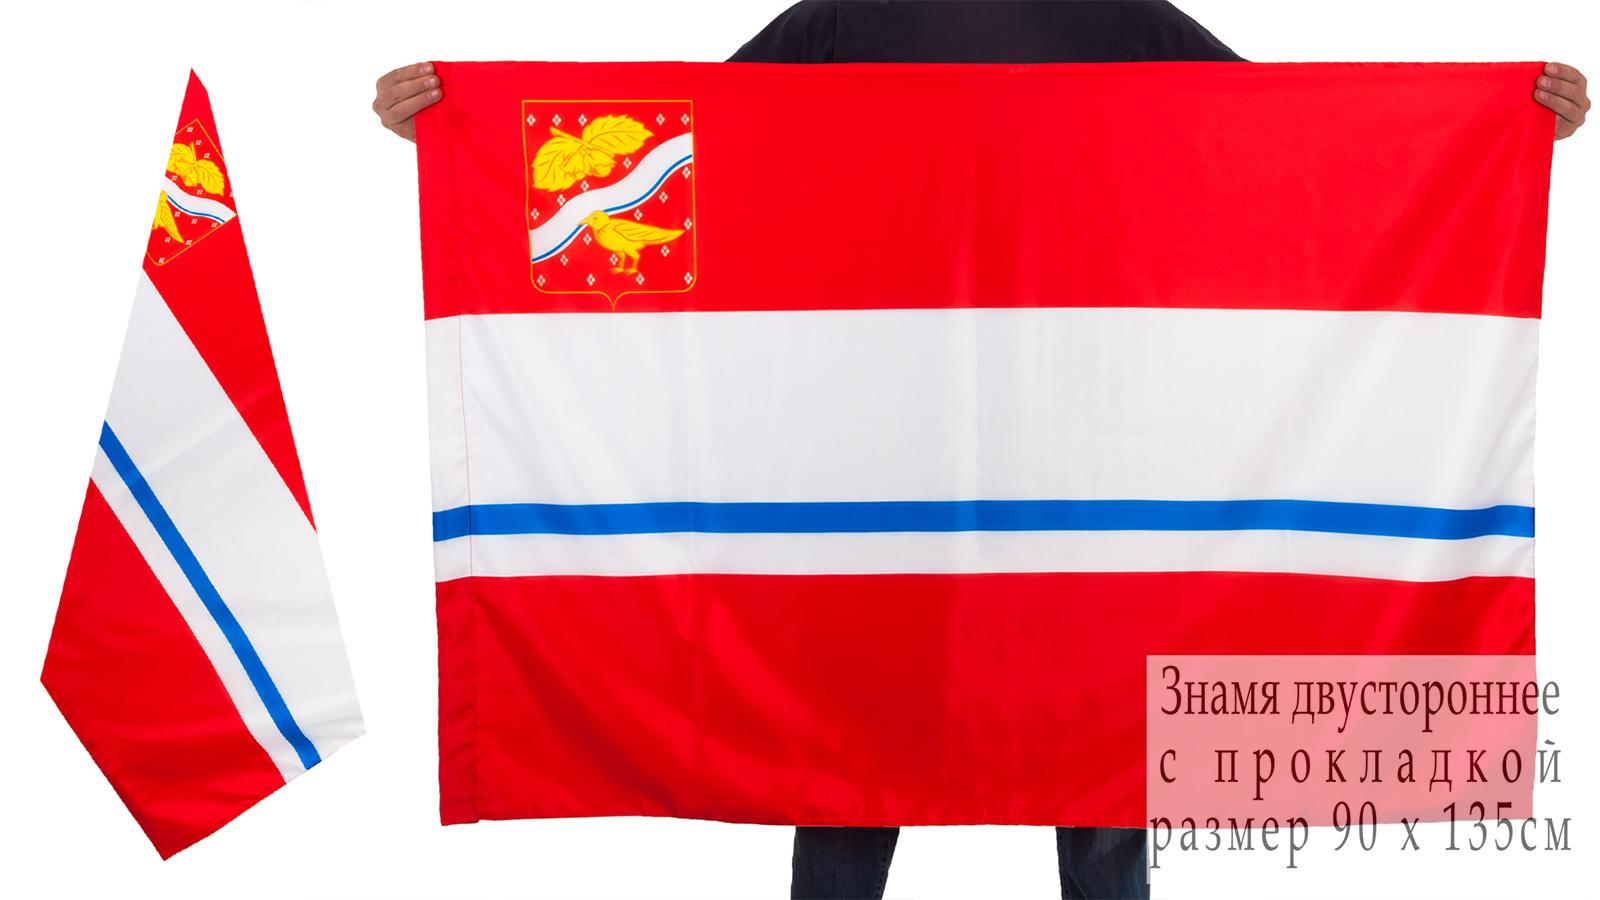 Двухсторонний флаг Орехово-Зуева